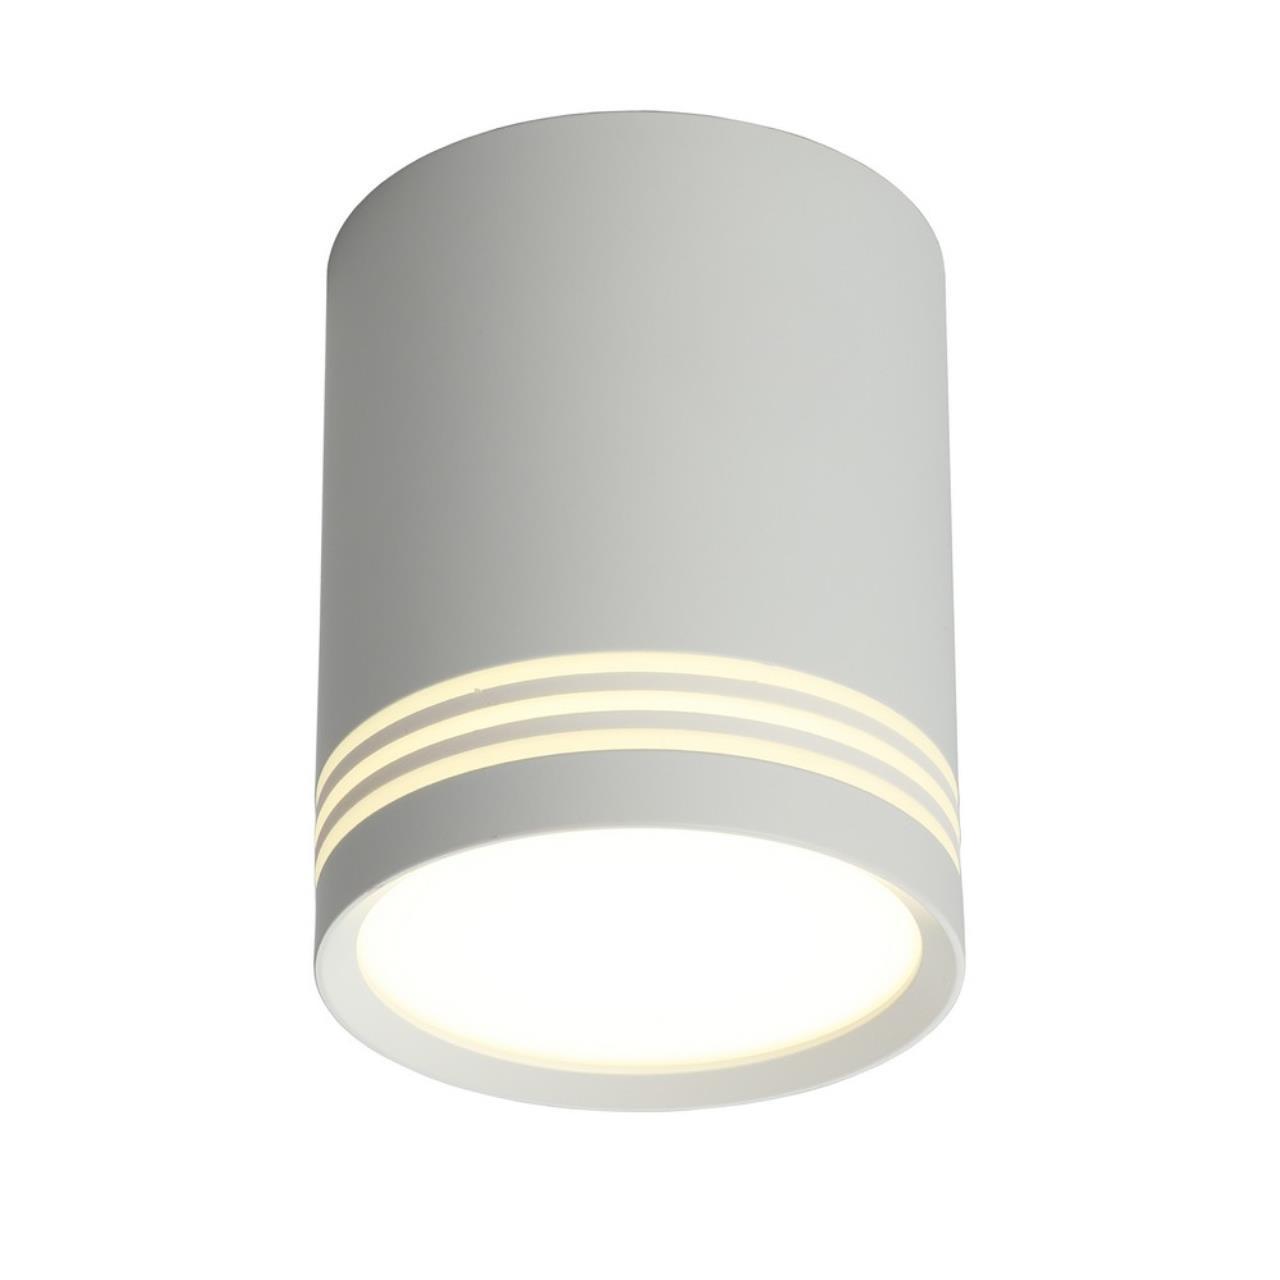 Встраиваемый-накладной светильник Omnilux OML-100109-12